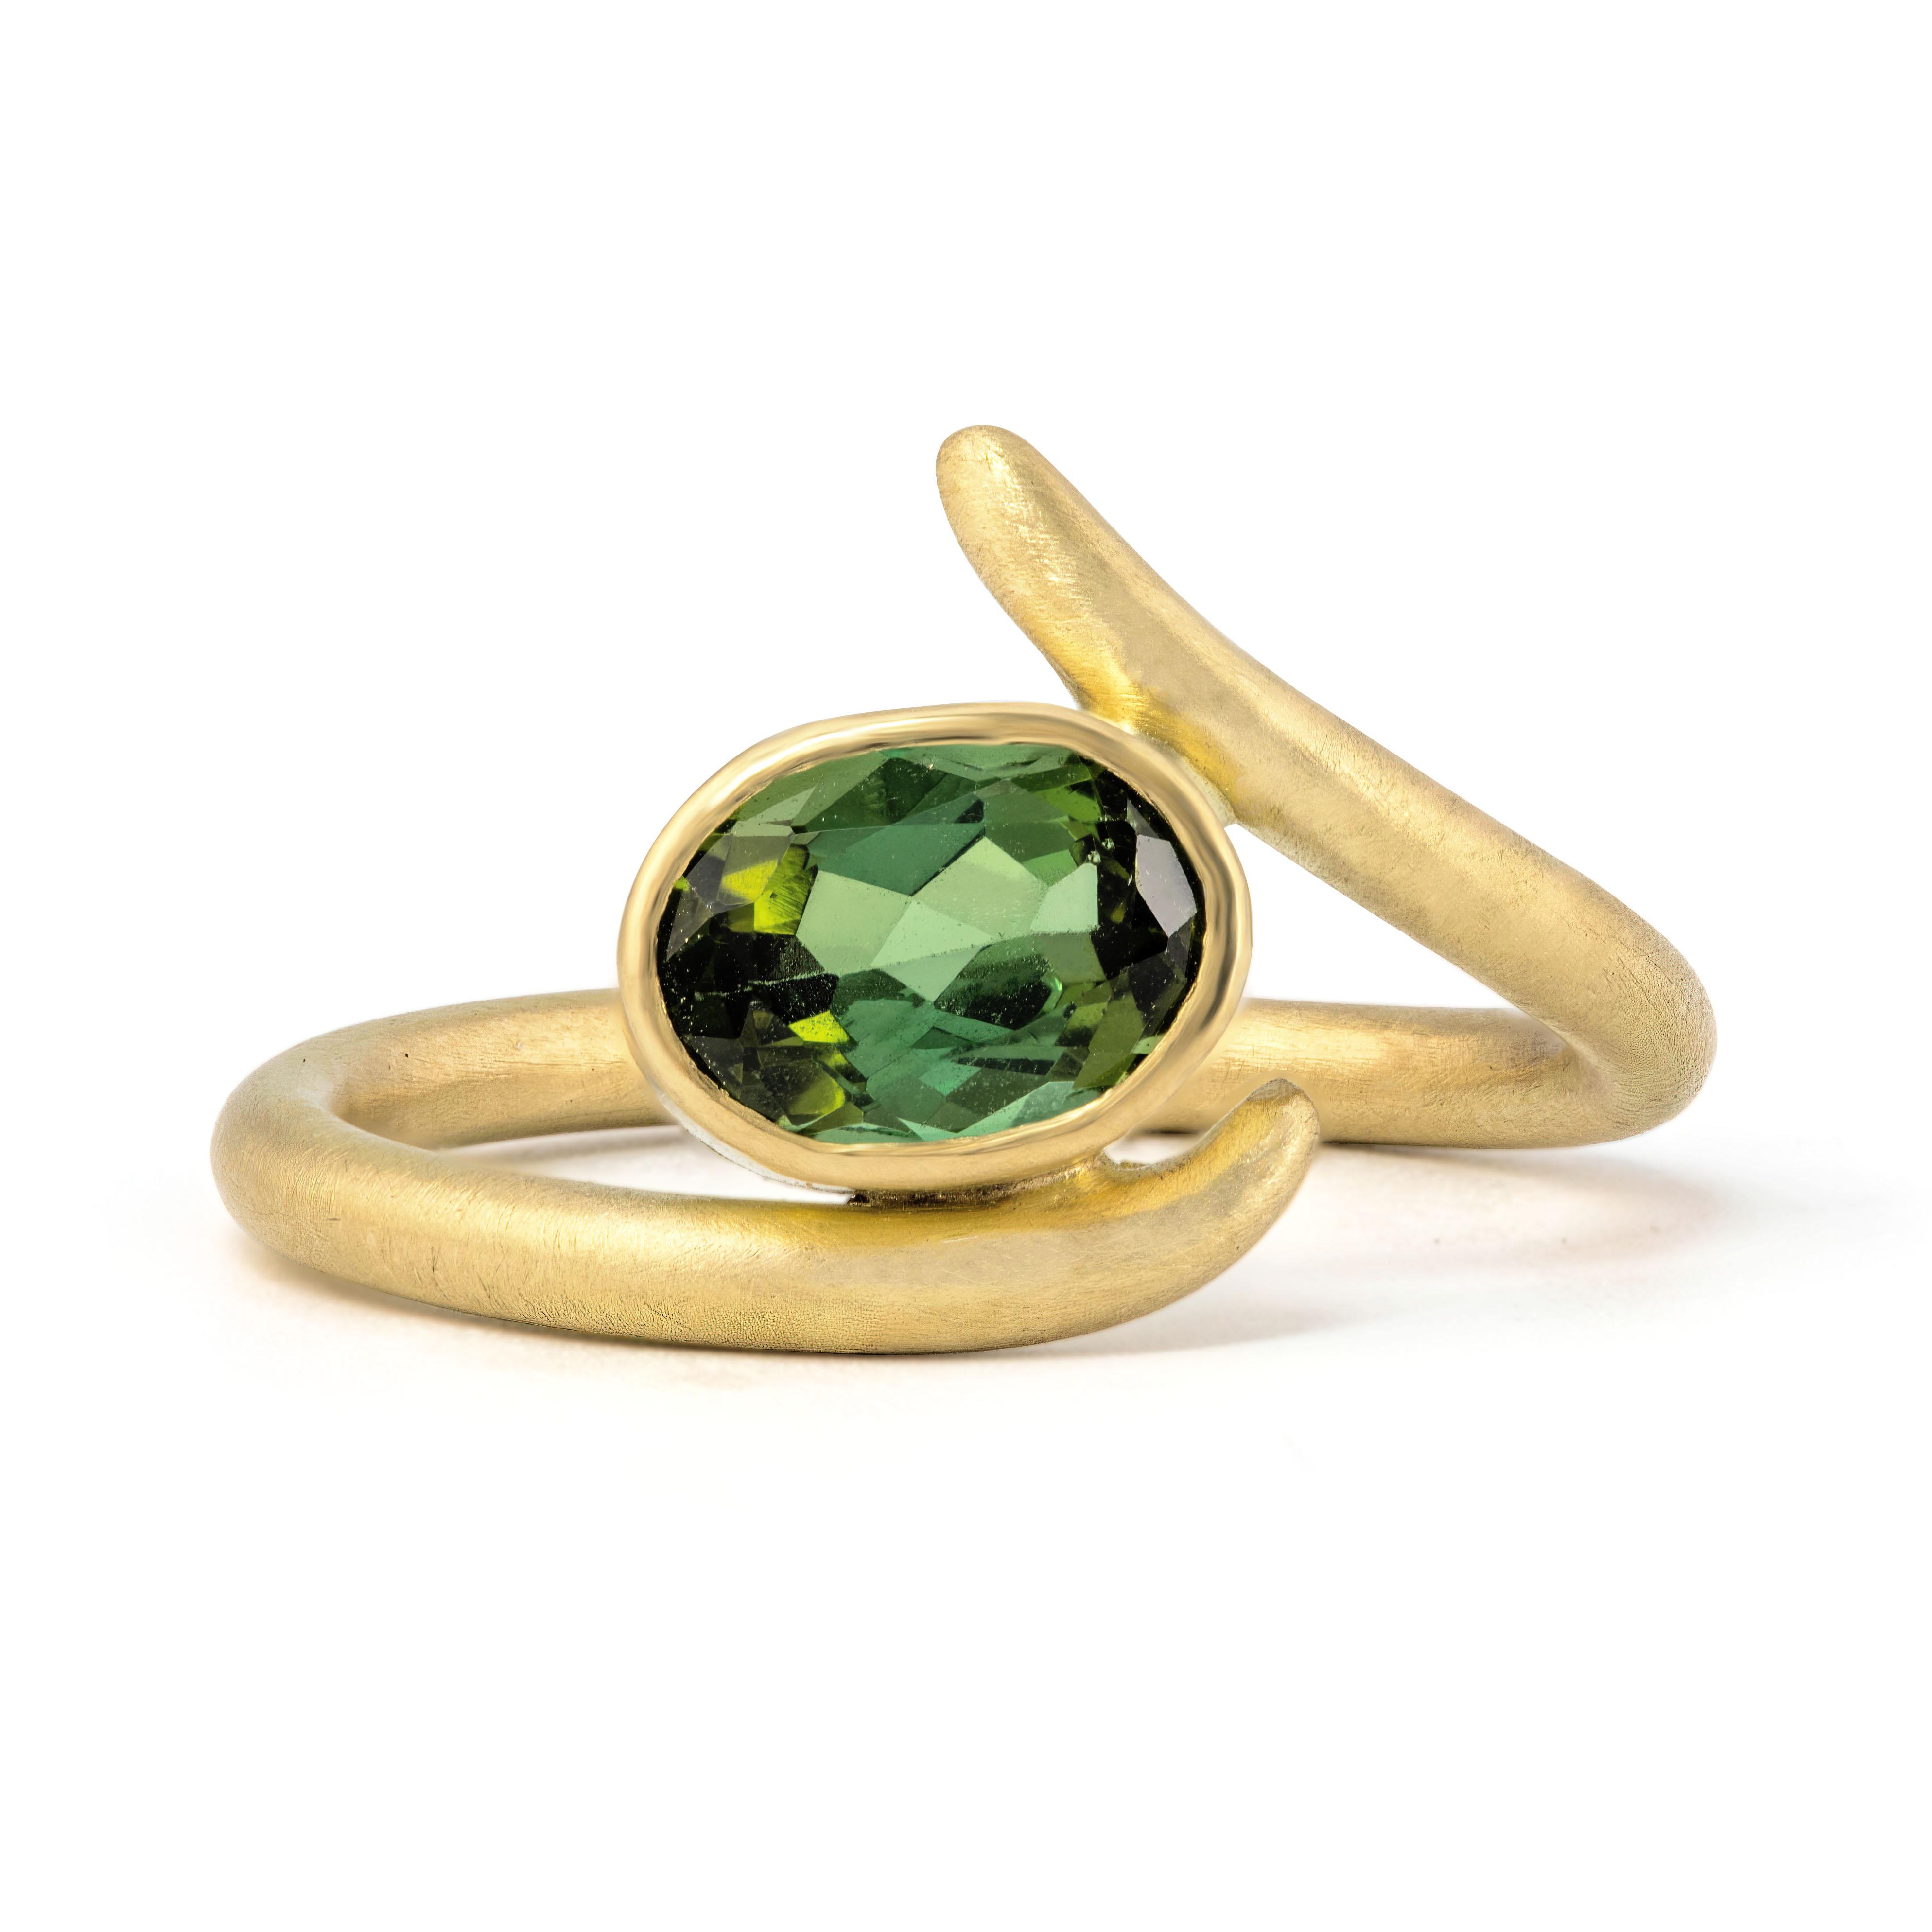 Hayley Kruger Jewellery